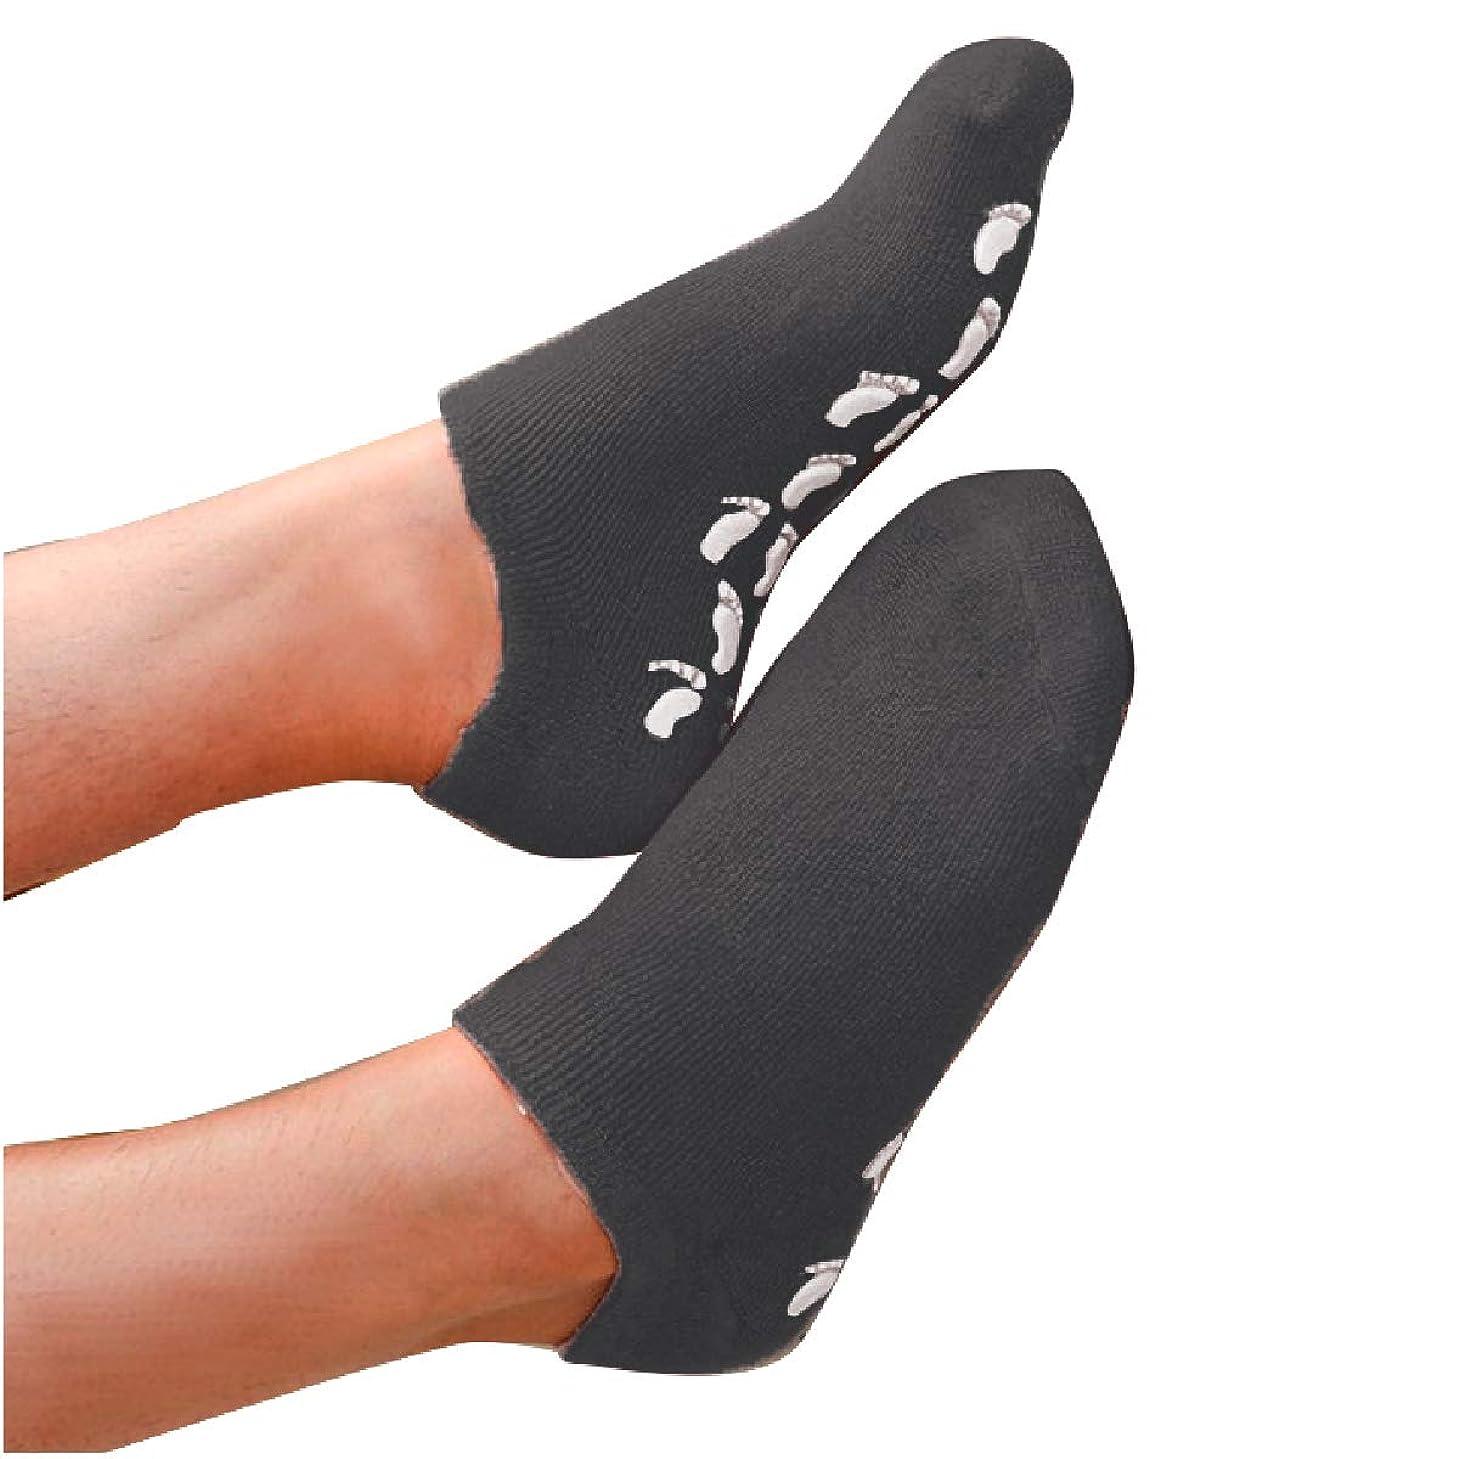 伝統的正規化マーチャンダイジングS&E かかと 靴下 保湿 ソックス 美容成分 潤い ゲル付き 滑り止め 足裏 足の甲 ホホバオイル グレープシード ビタミンE ラベンダー ローズ (ブラック)